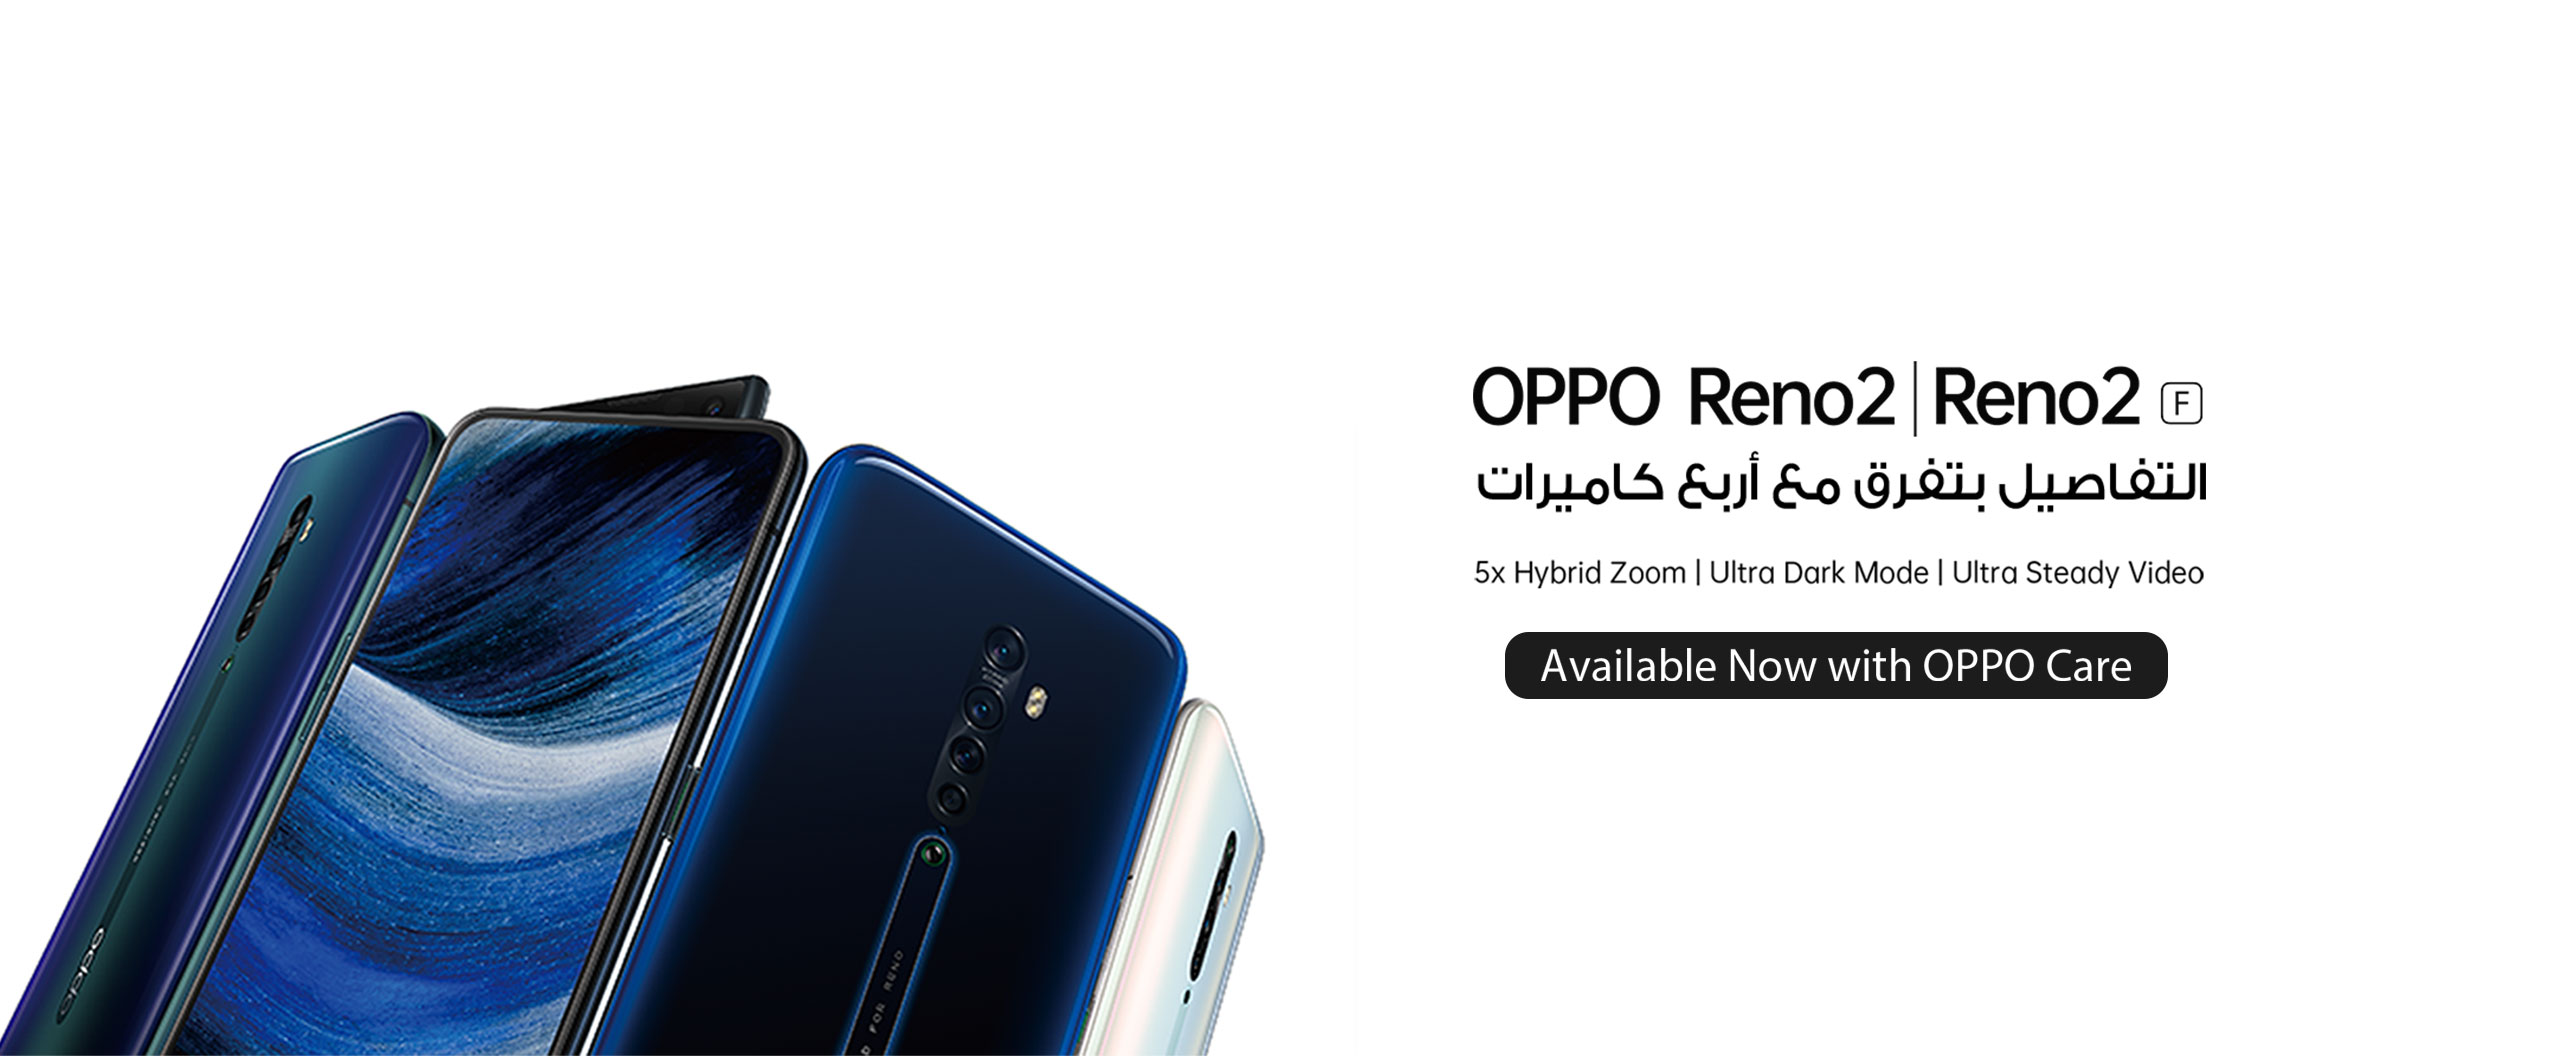 كل ما تود معرفته عن هواتف OPPO Reno الجديدة 27